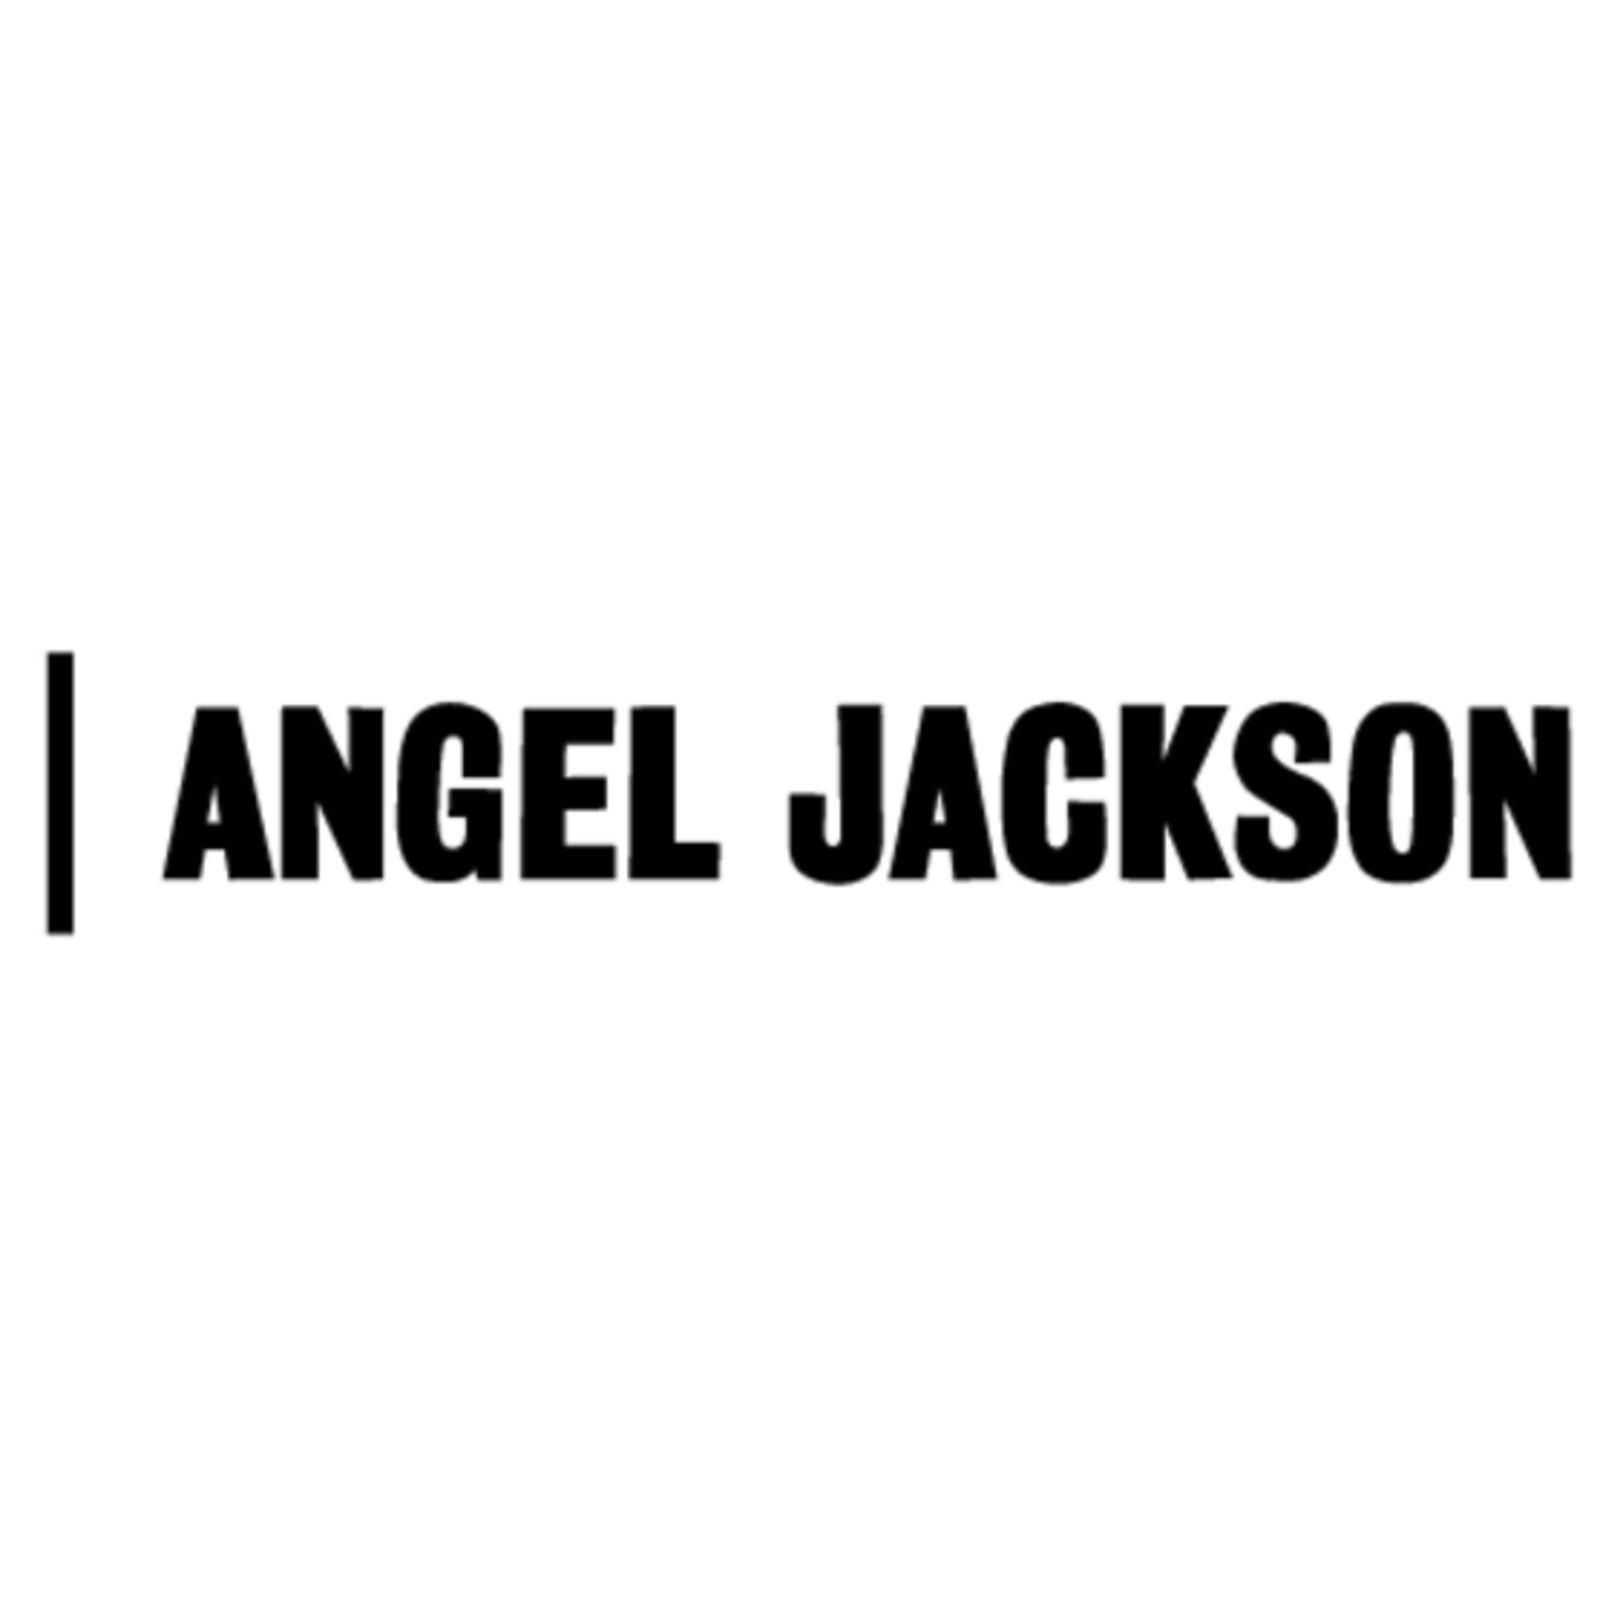 ANGEL JACKSON